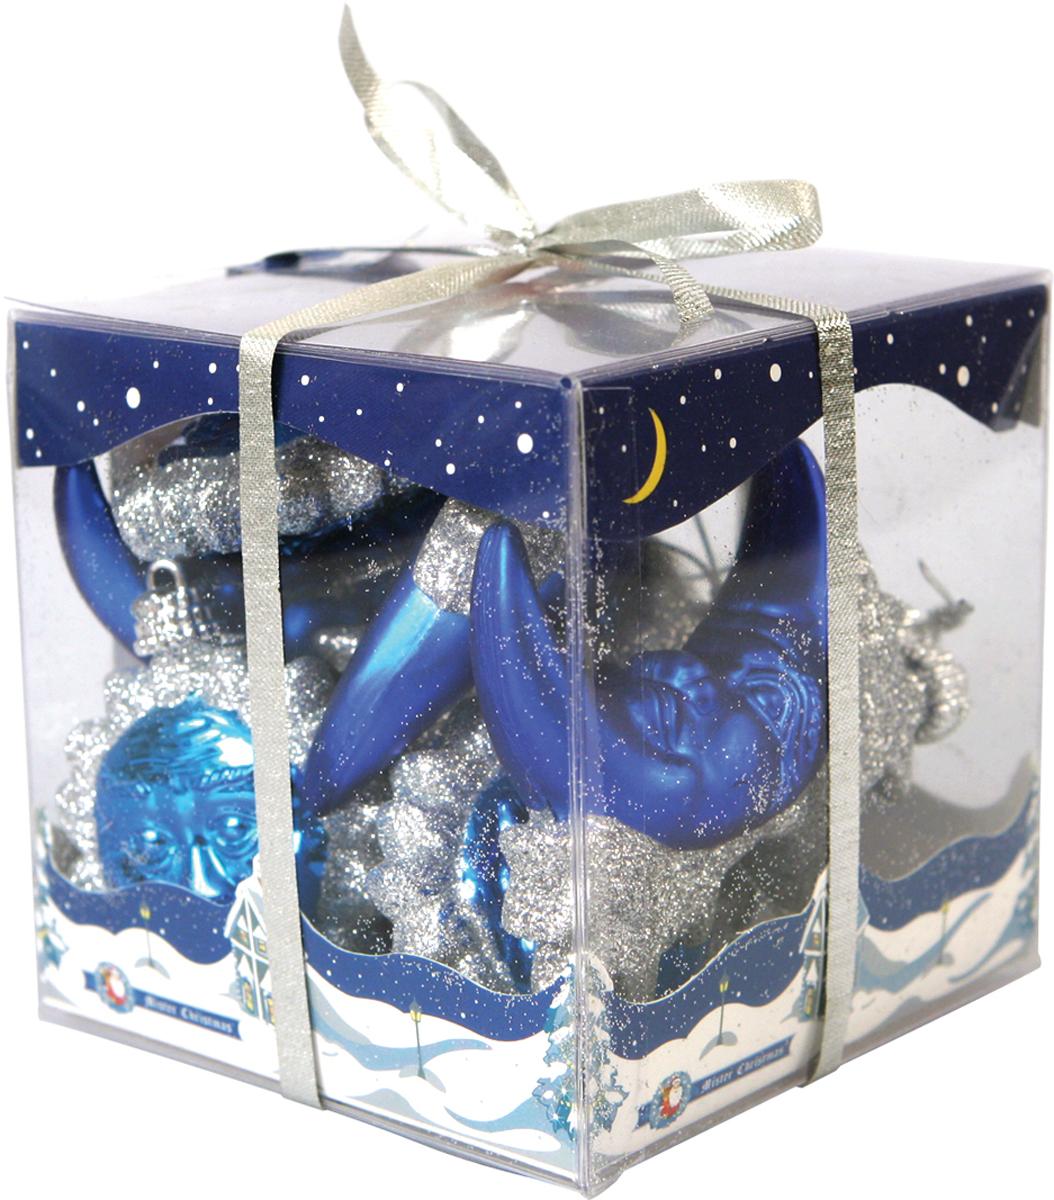 Набор новогодних украшений Mister Christmas День и ночь, цвет: синий, диаметр 6 см, 10 штB 60-SUMO-201Набор новогодних подвесных украшений Mister Christmas День и ночь отлично подойдет для декорации вашего дома и новогодней ели. С помощью специальной петельки украшение можно повесить в любом понравившемся вам месте. Но, конечно, удачнее всего оно будет смотреться на праздничной елке. Елочная игрушка - символ Нового года. Она несет в себе волшебство и красоту праздника. Создайте в своем доме атмосферу веселья и радости, украшая новогоднюю елку нарядными игрушками, которые будут из года в год накапливать теплоту воспоминаний.